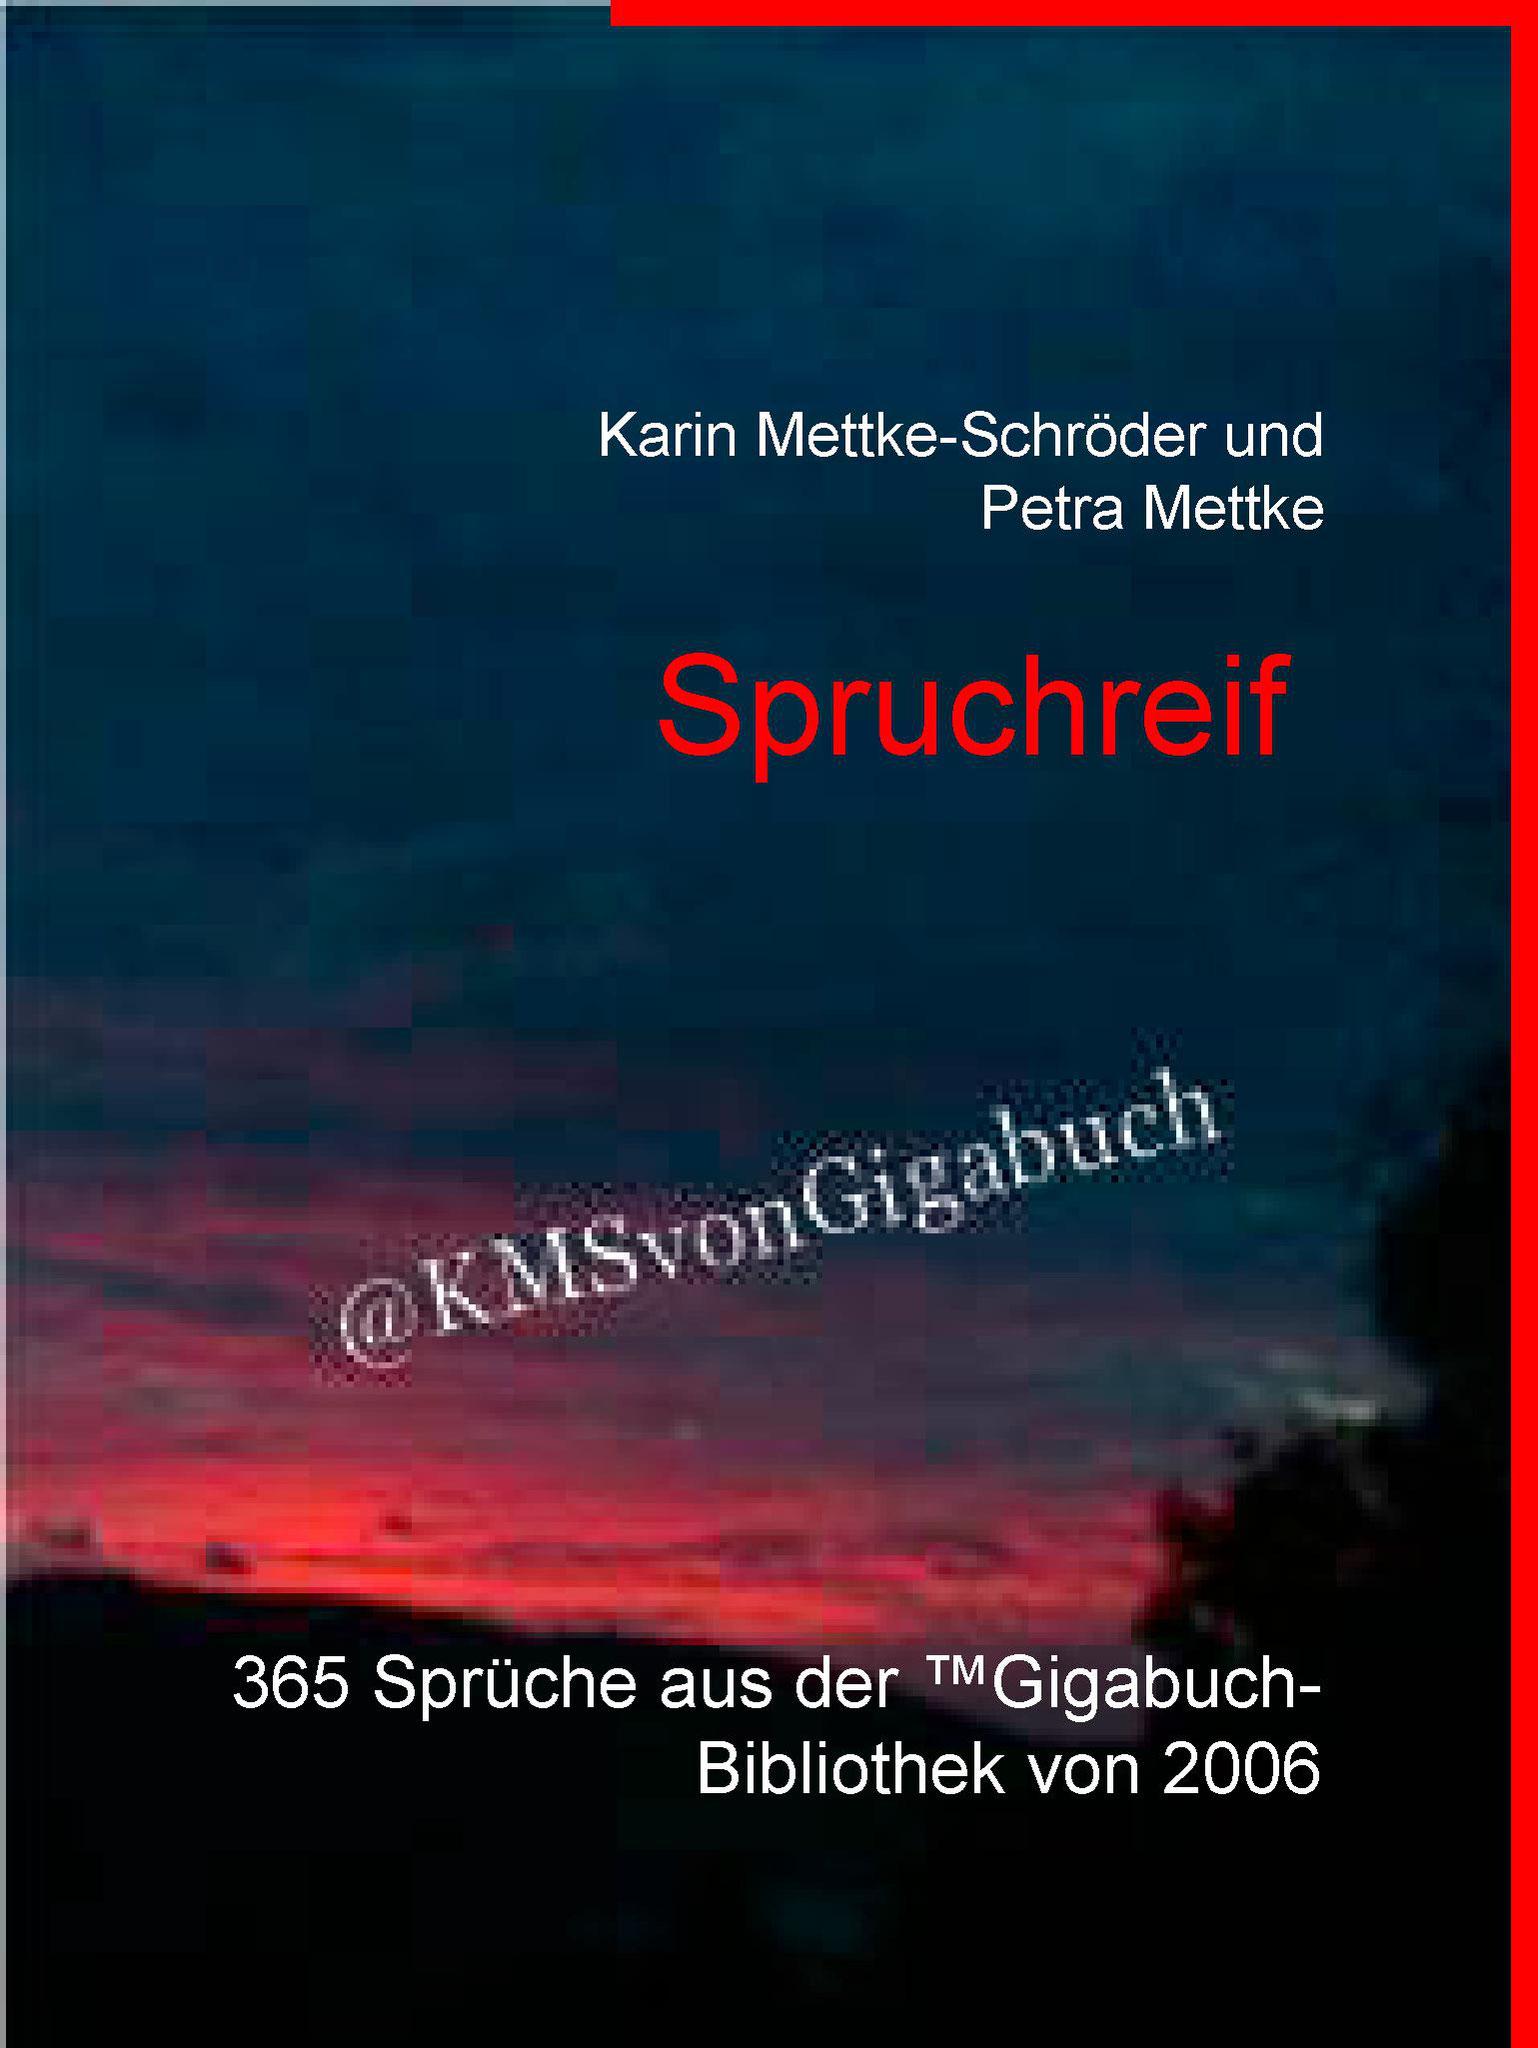 Karin Mettke-Schröder, Petra Mettke/Spruchreif/Gigabuch Bibliothek 2006/e-Short ISBN 9783734710490